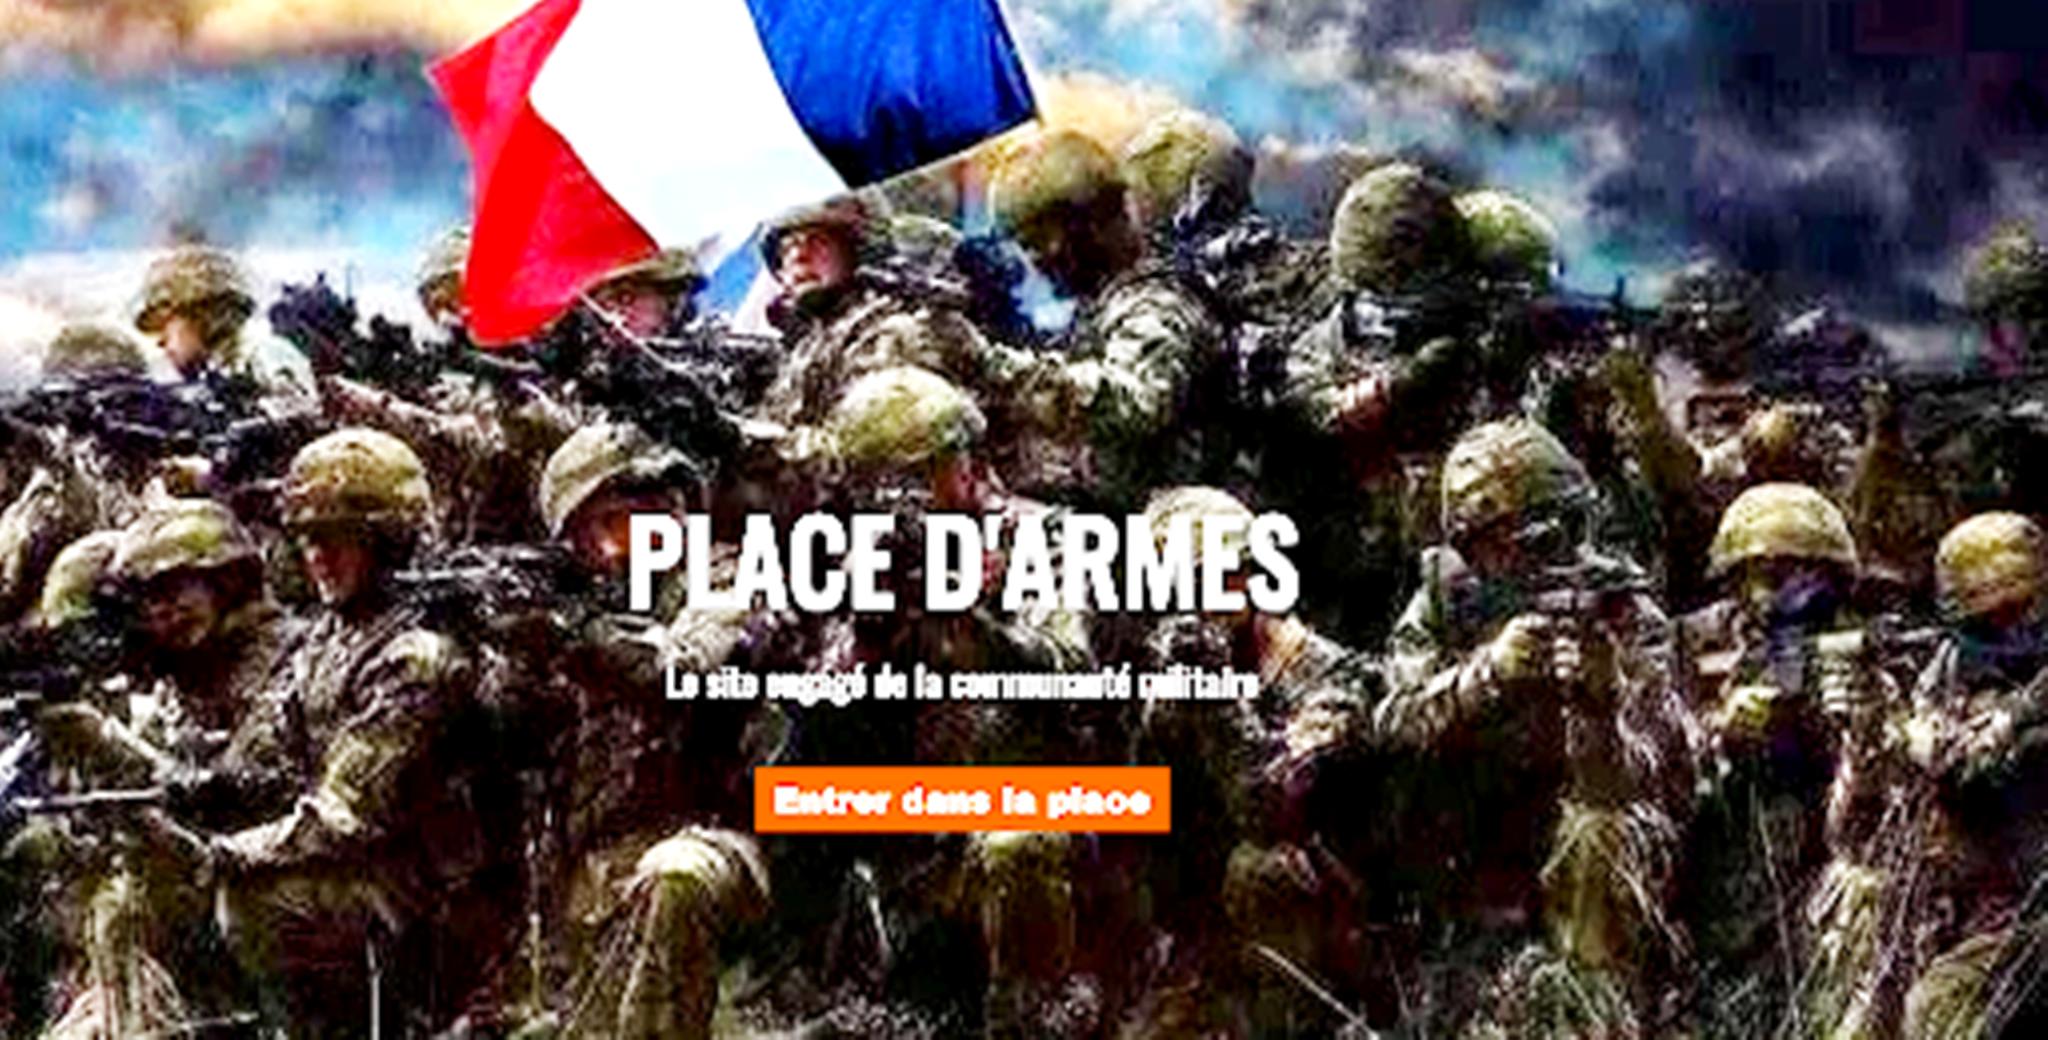 Γαλλία: Κυβερνητικές και Πολιτικές Αντιδράσεις Στην Διακήρυξη-Καταγγελία των Γάλλων Στρατηγών